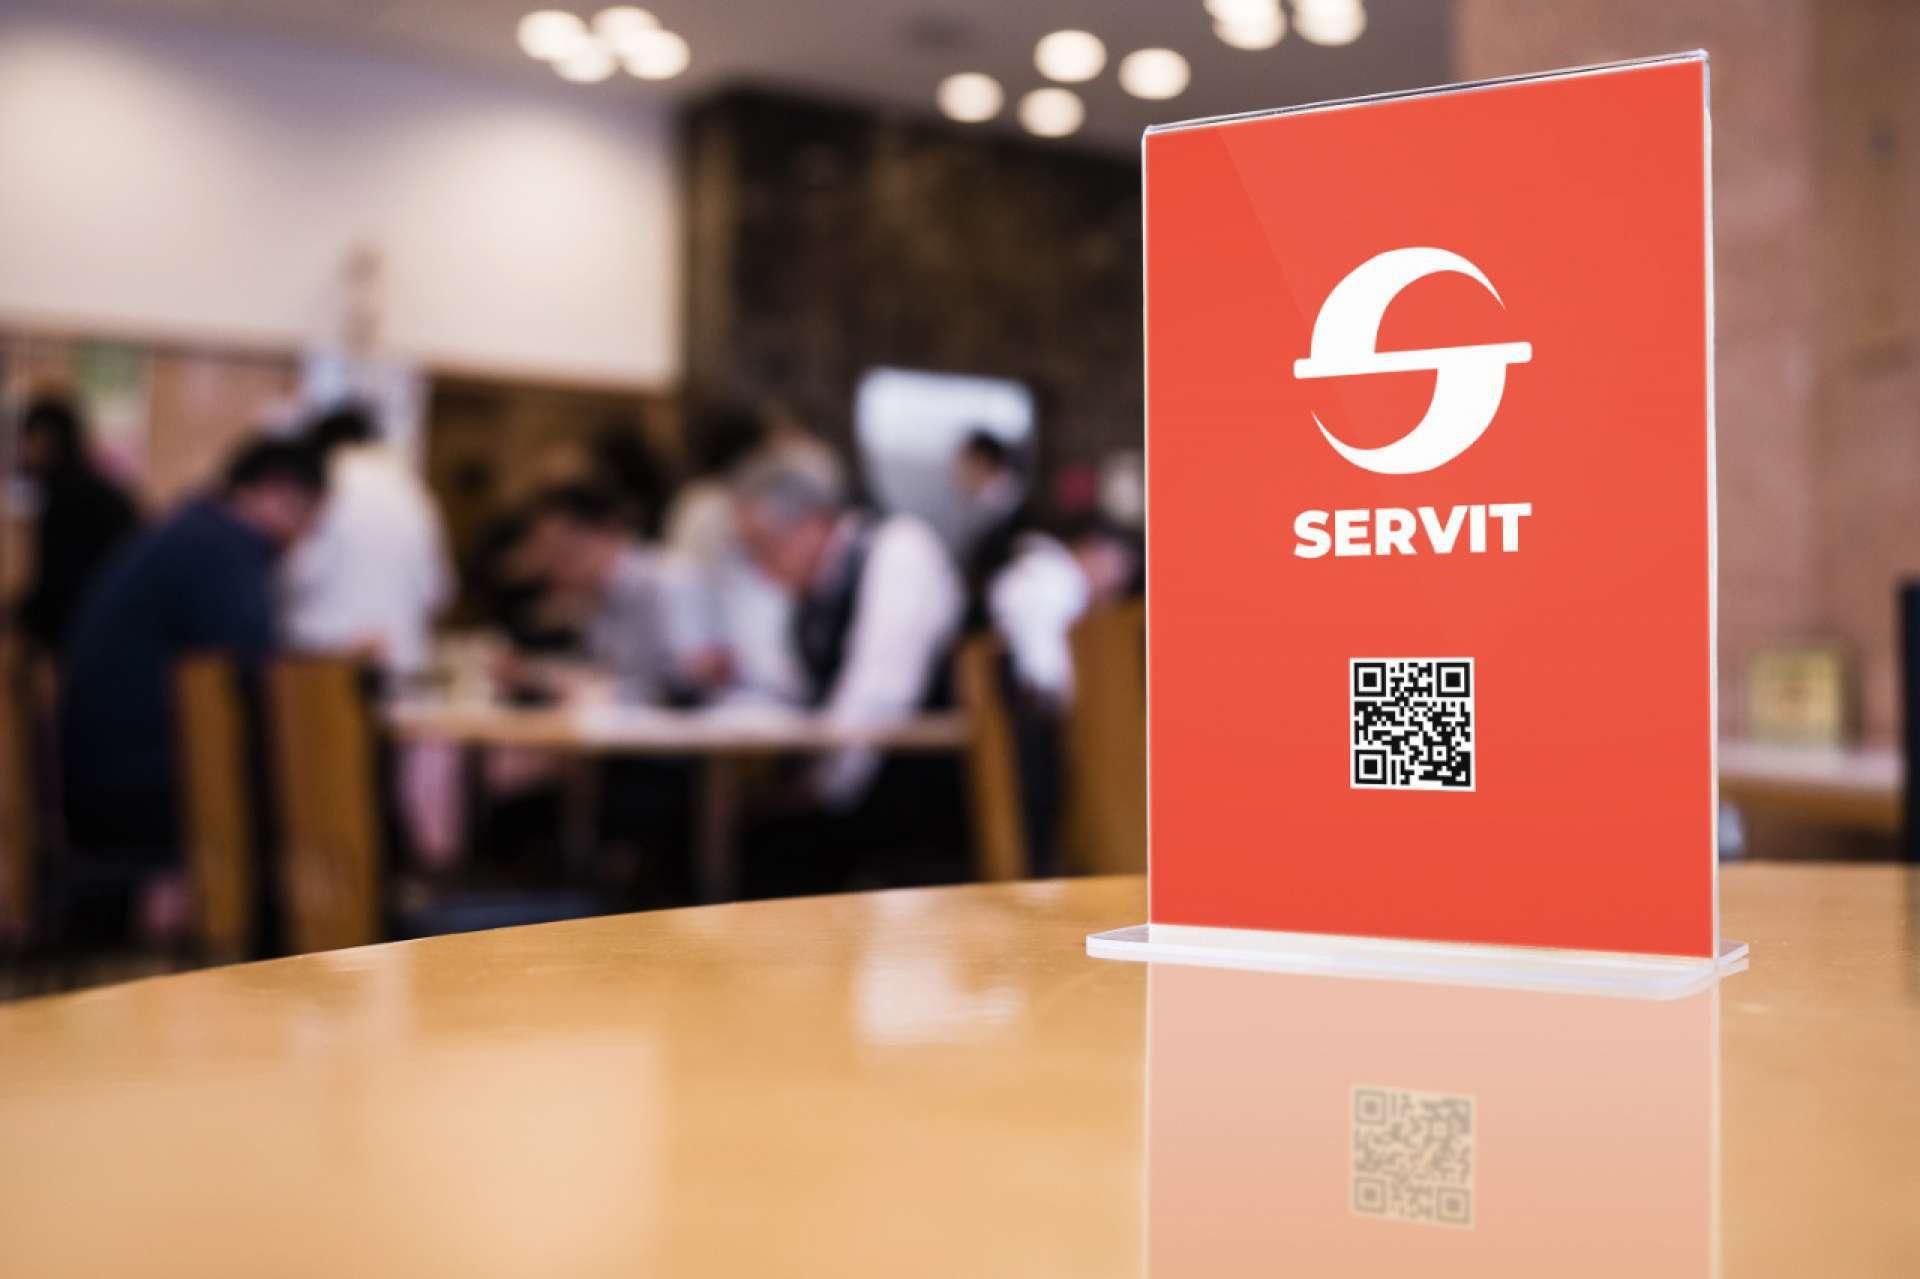 Com o Servit, através do QR Code no centro de mesa do estabelecimento, o cliente tem o controle total do seu pedido